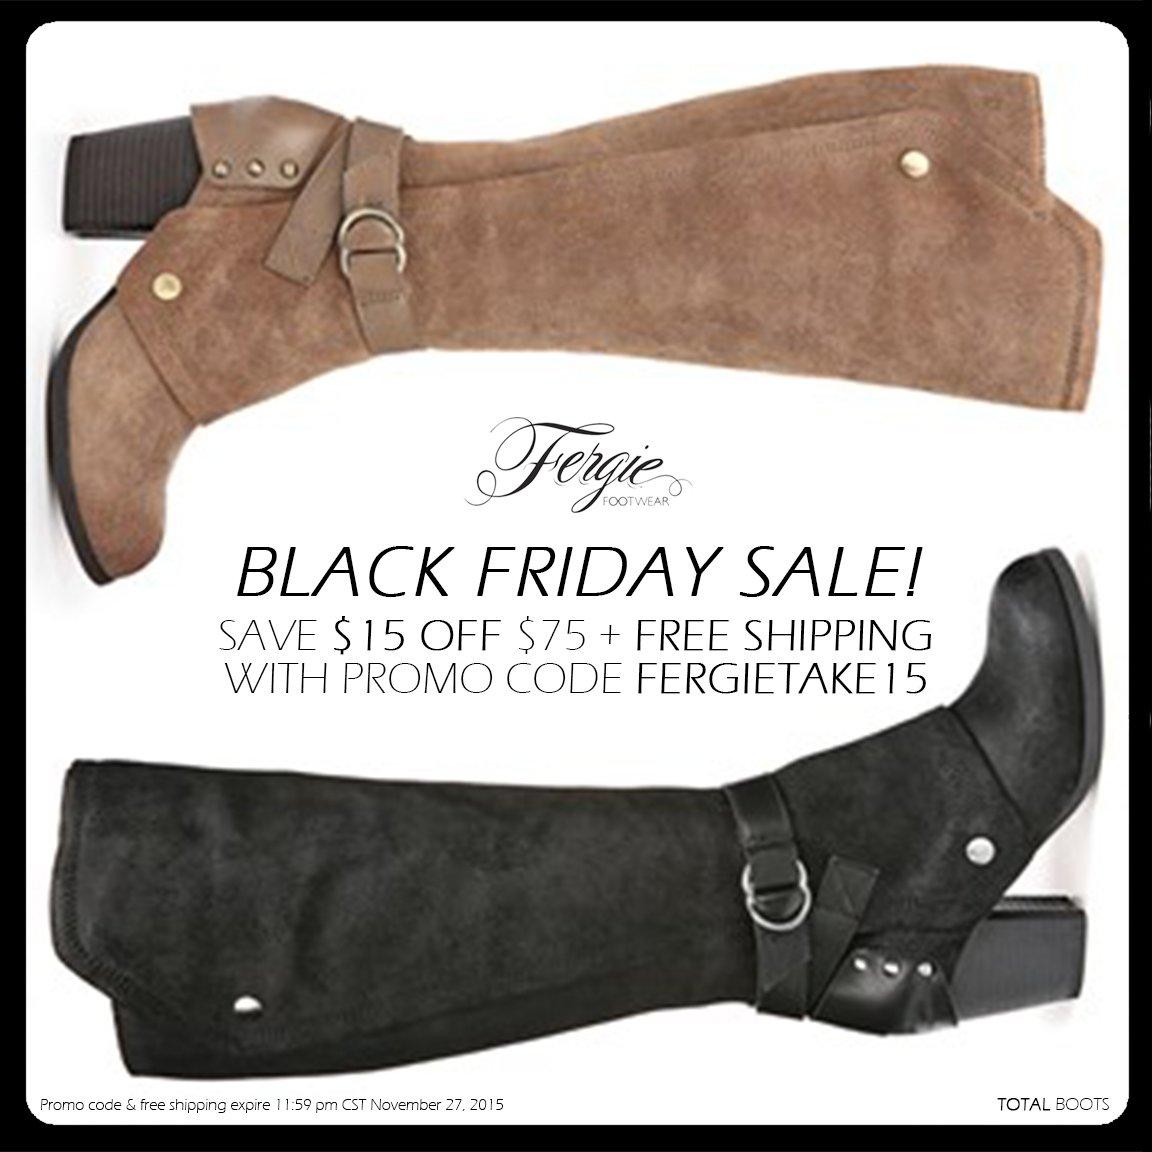 RT @FergieFootwear: Shop @Fergie's #BlackFriday #ShoeSale:$15 OFF $75 + #FreeShipping w/ #promocode FERGIETAKE15!https://t.co/9Lc6GOZcHR ht…